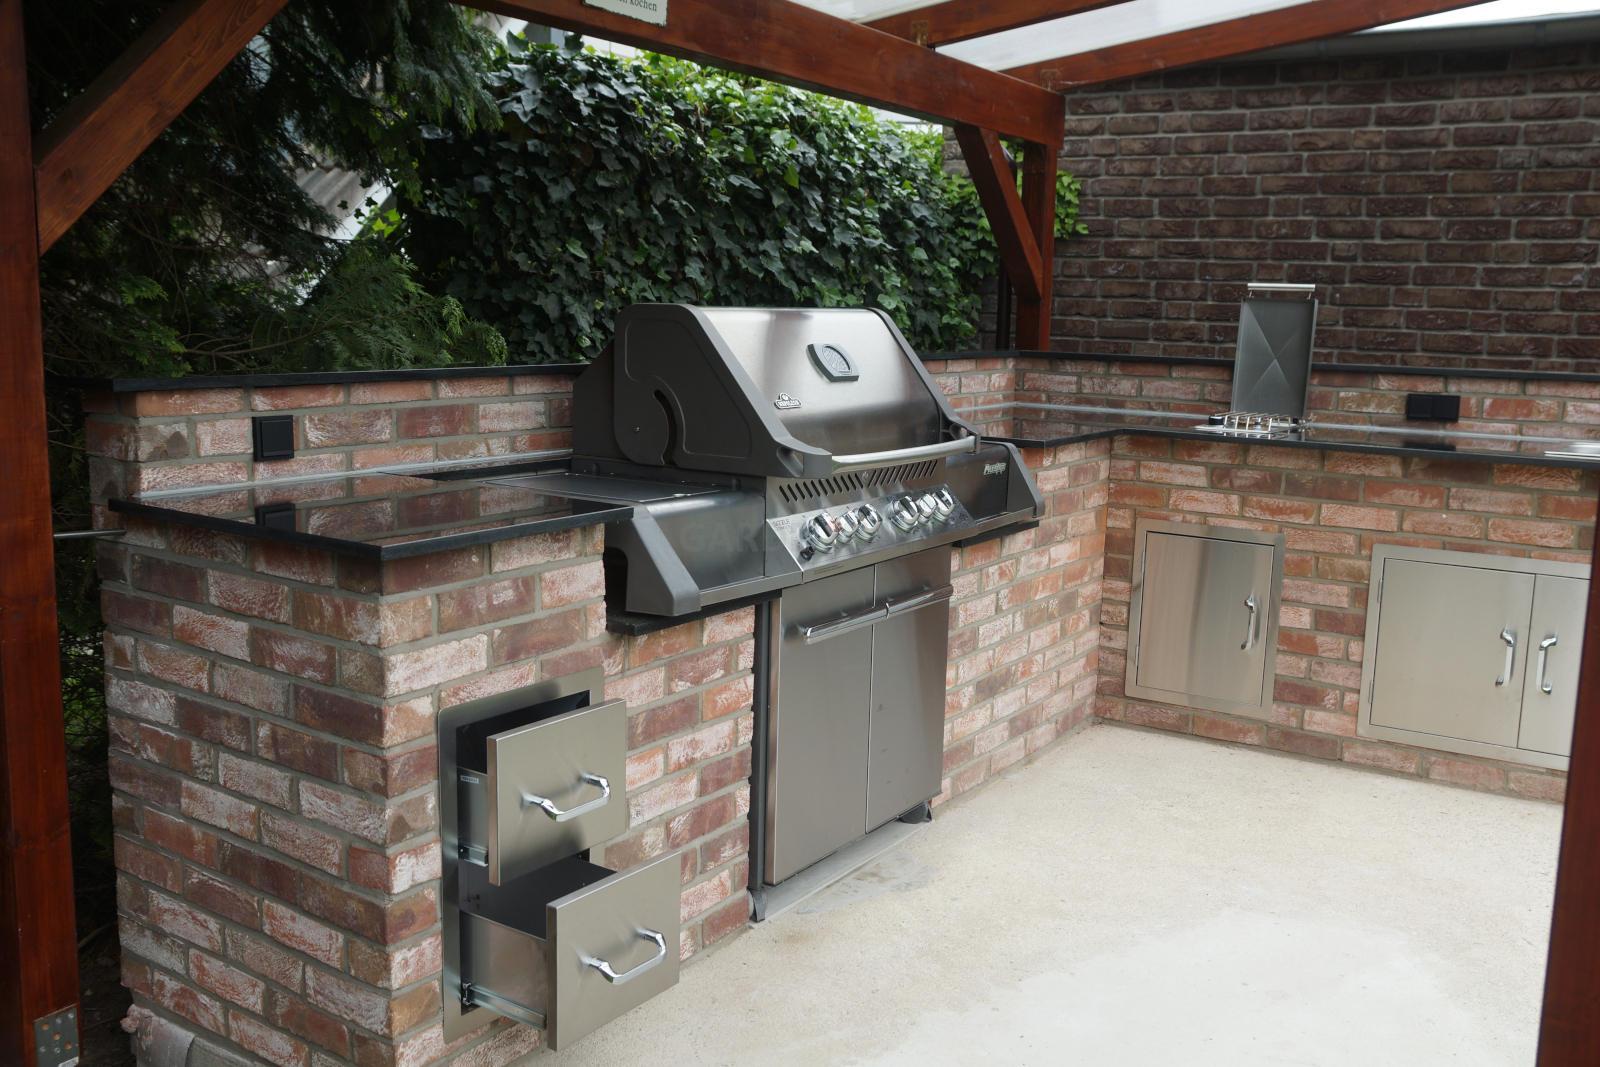 Gasgrill In Outdoor Küche Integrieren : Einbau gasgrill für die outdoor küche